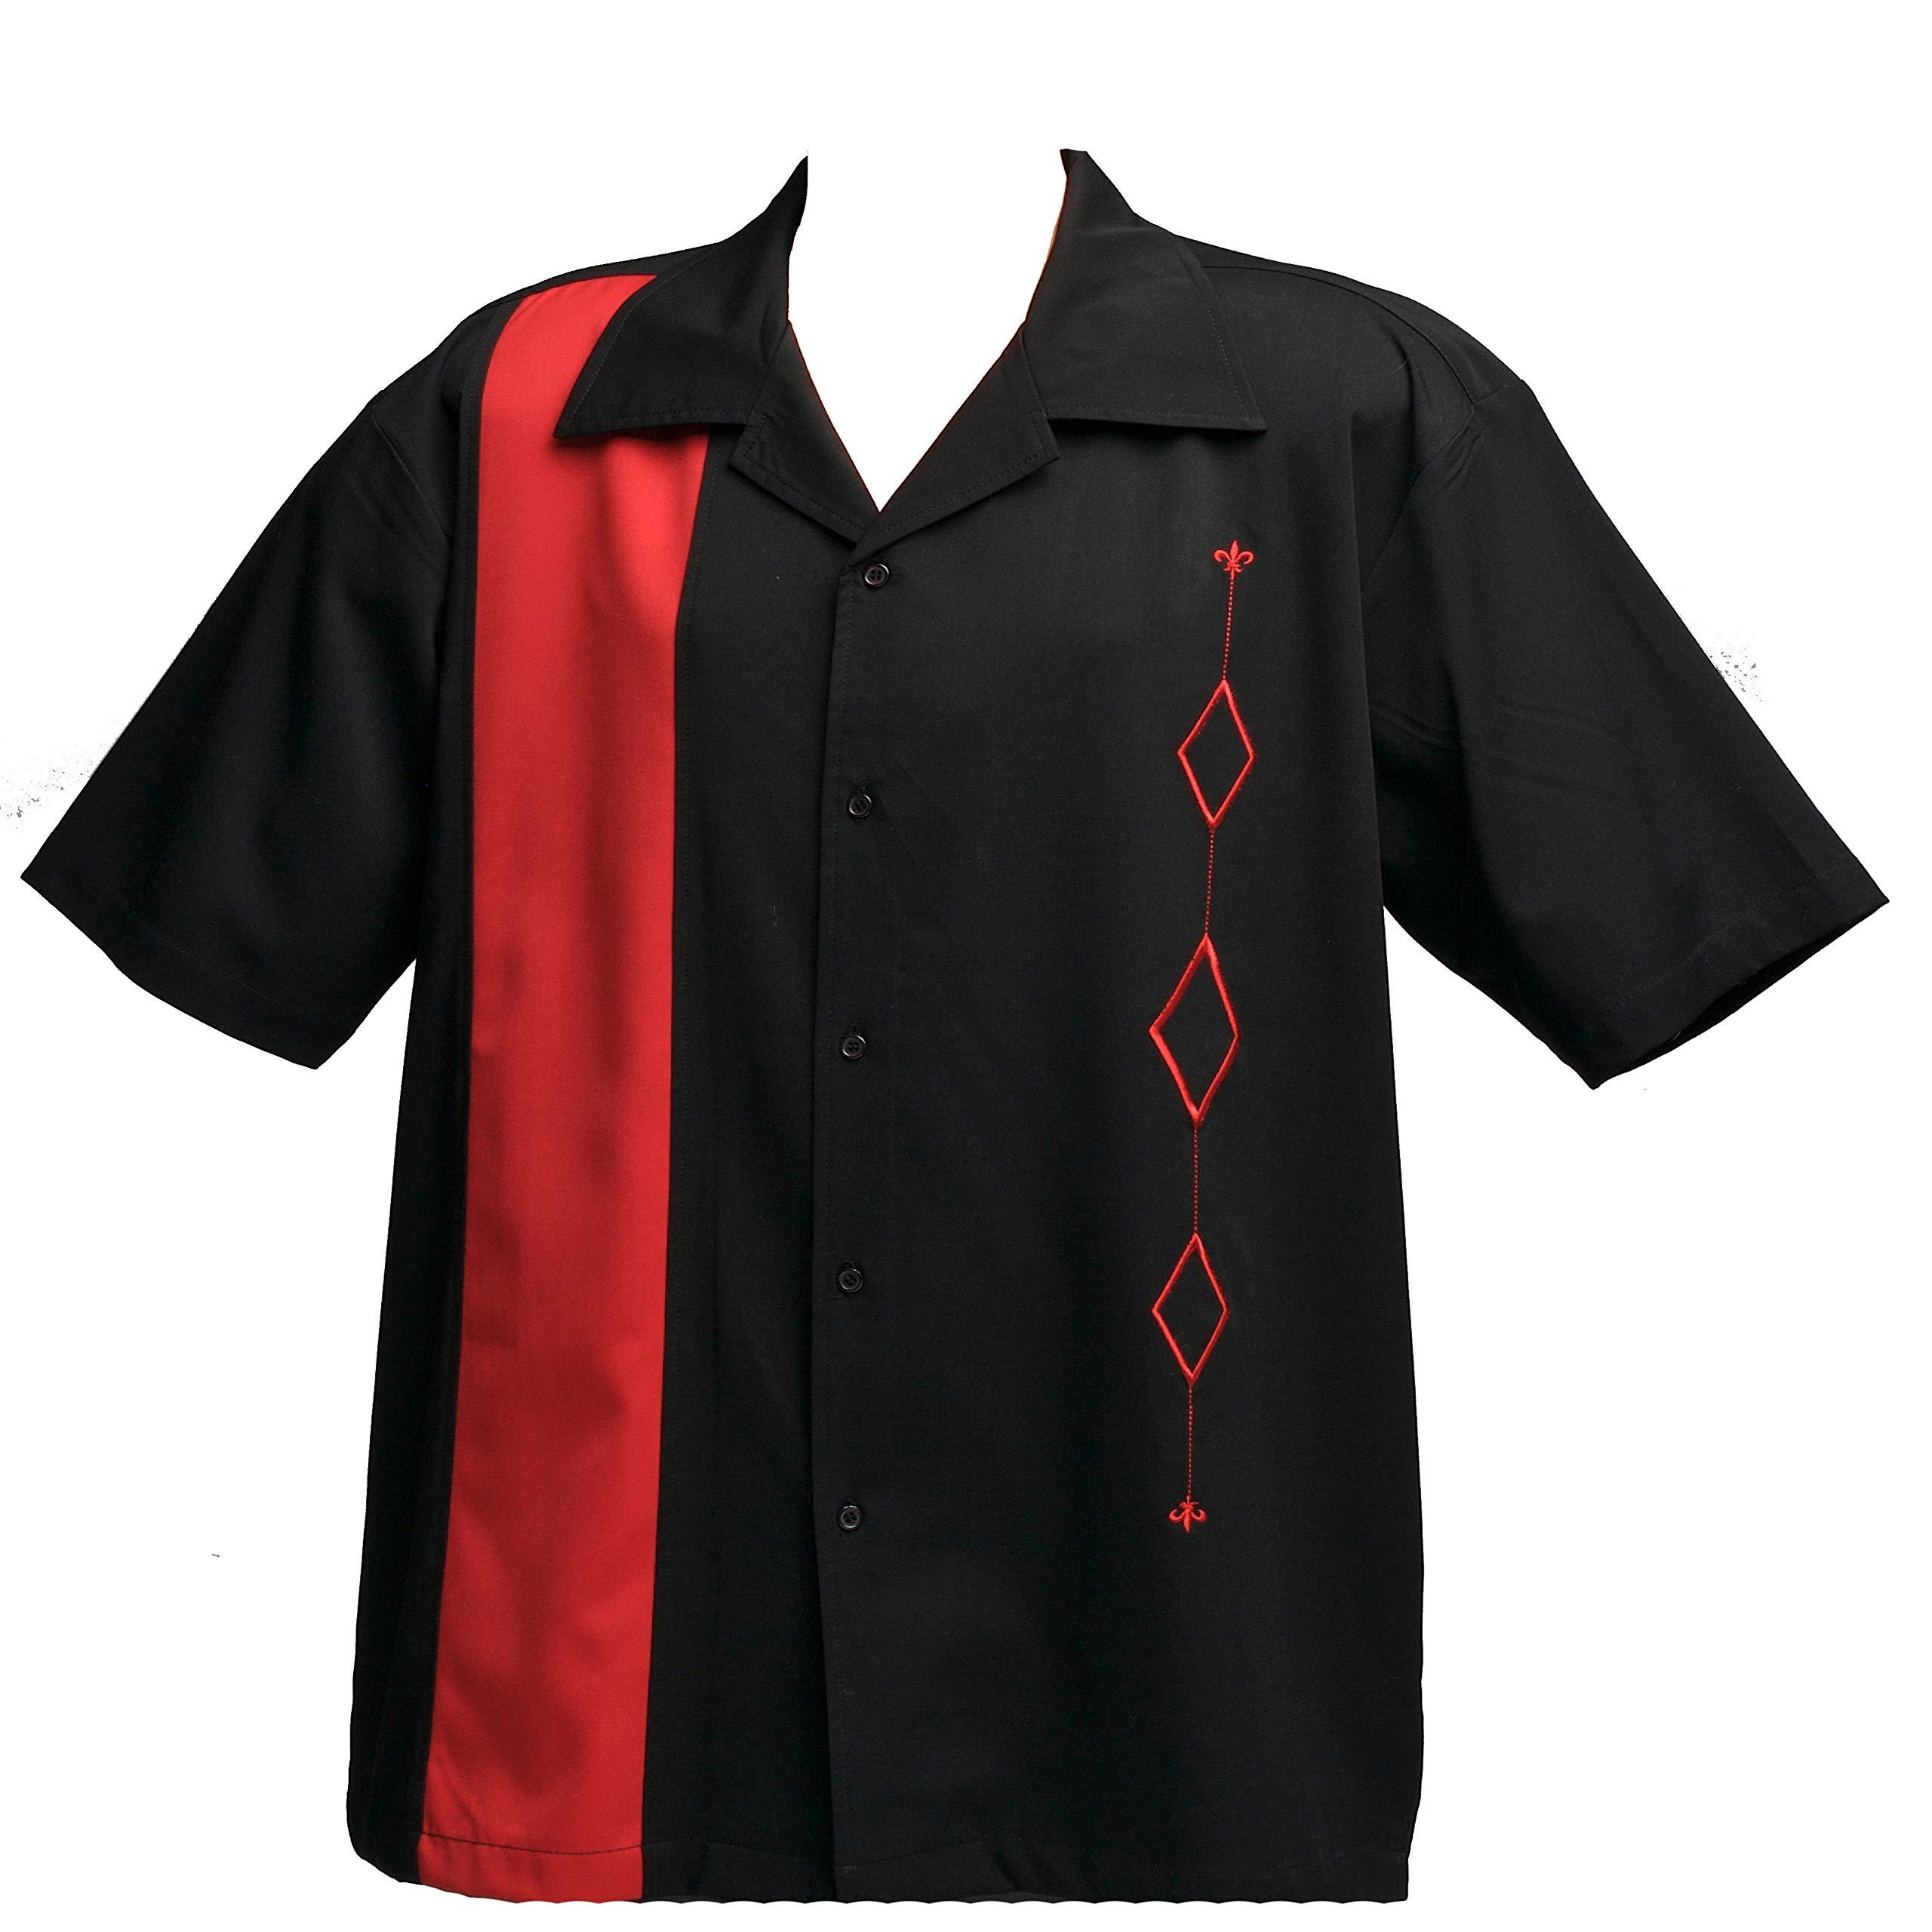 Designs by Attila Mens Retro Bowling Shirt, Big & Tall. Red & Black, Size XLT by Designs by Attila